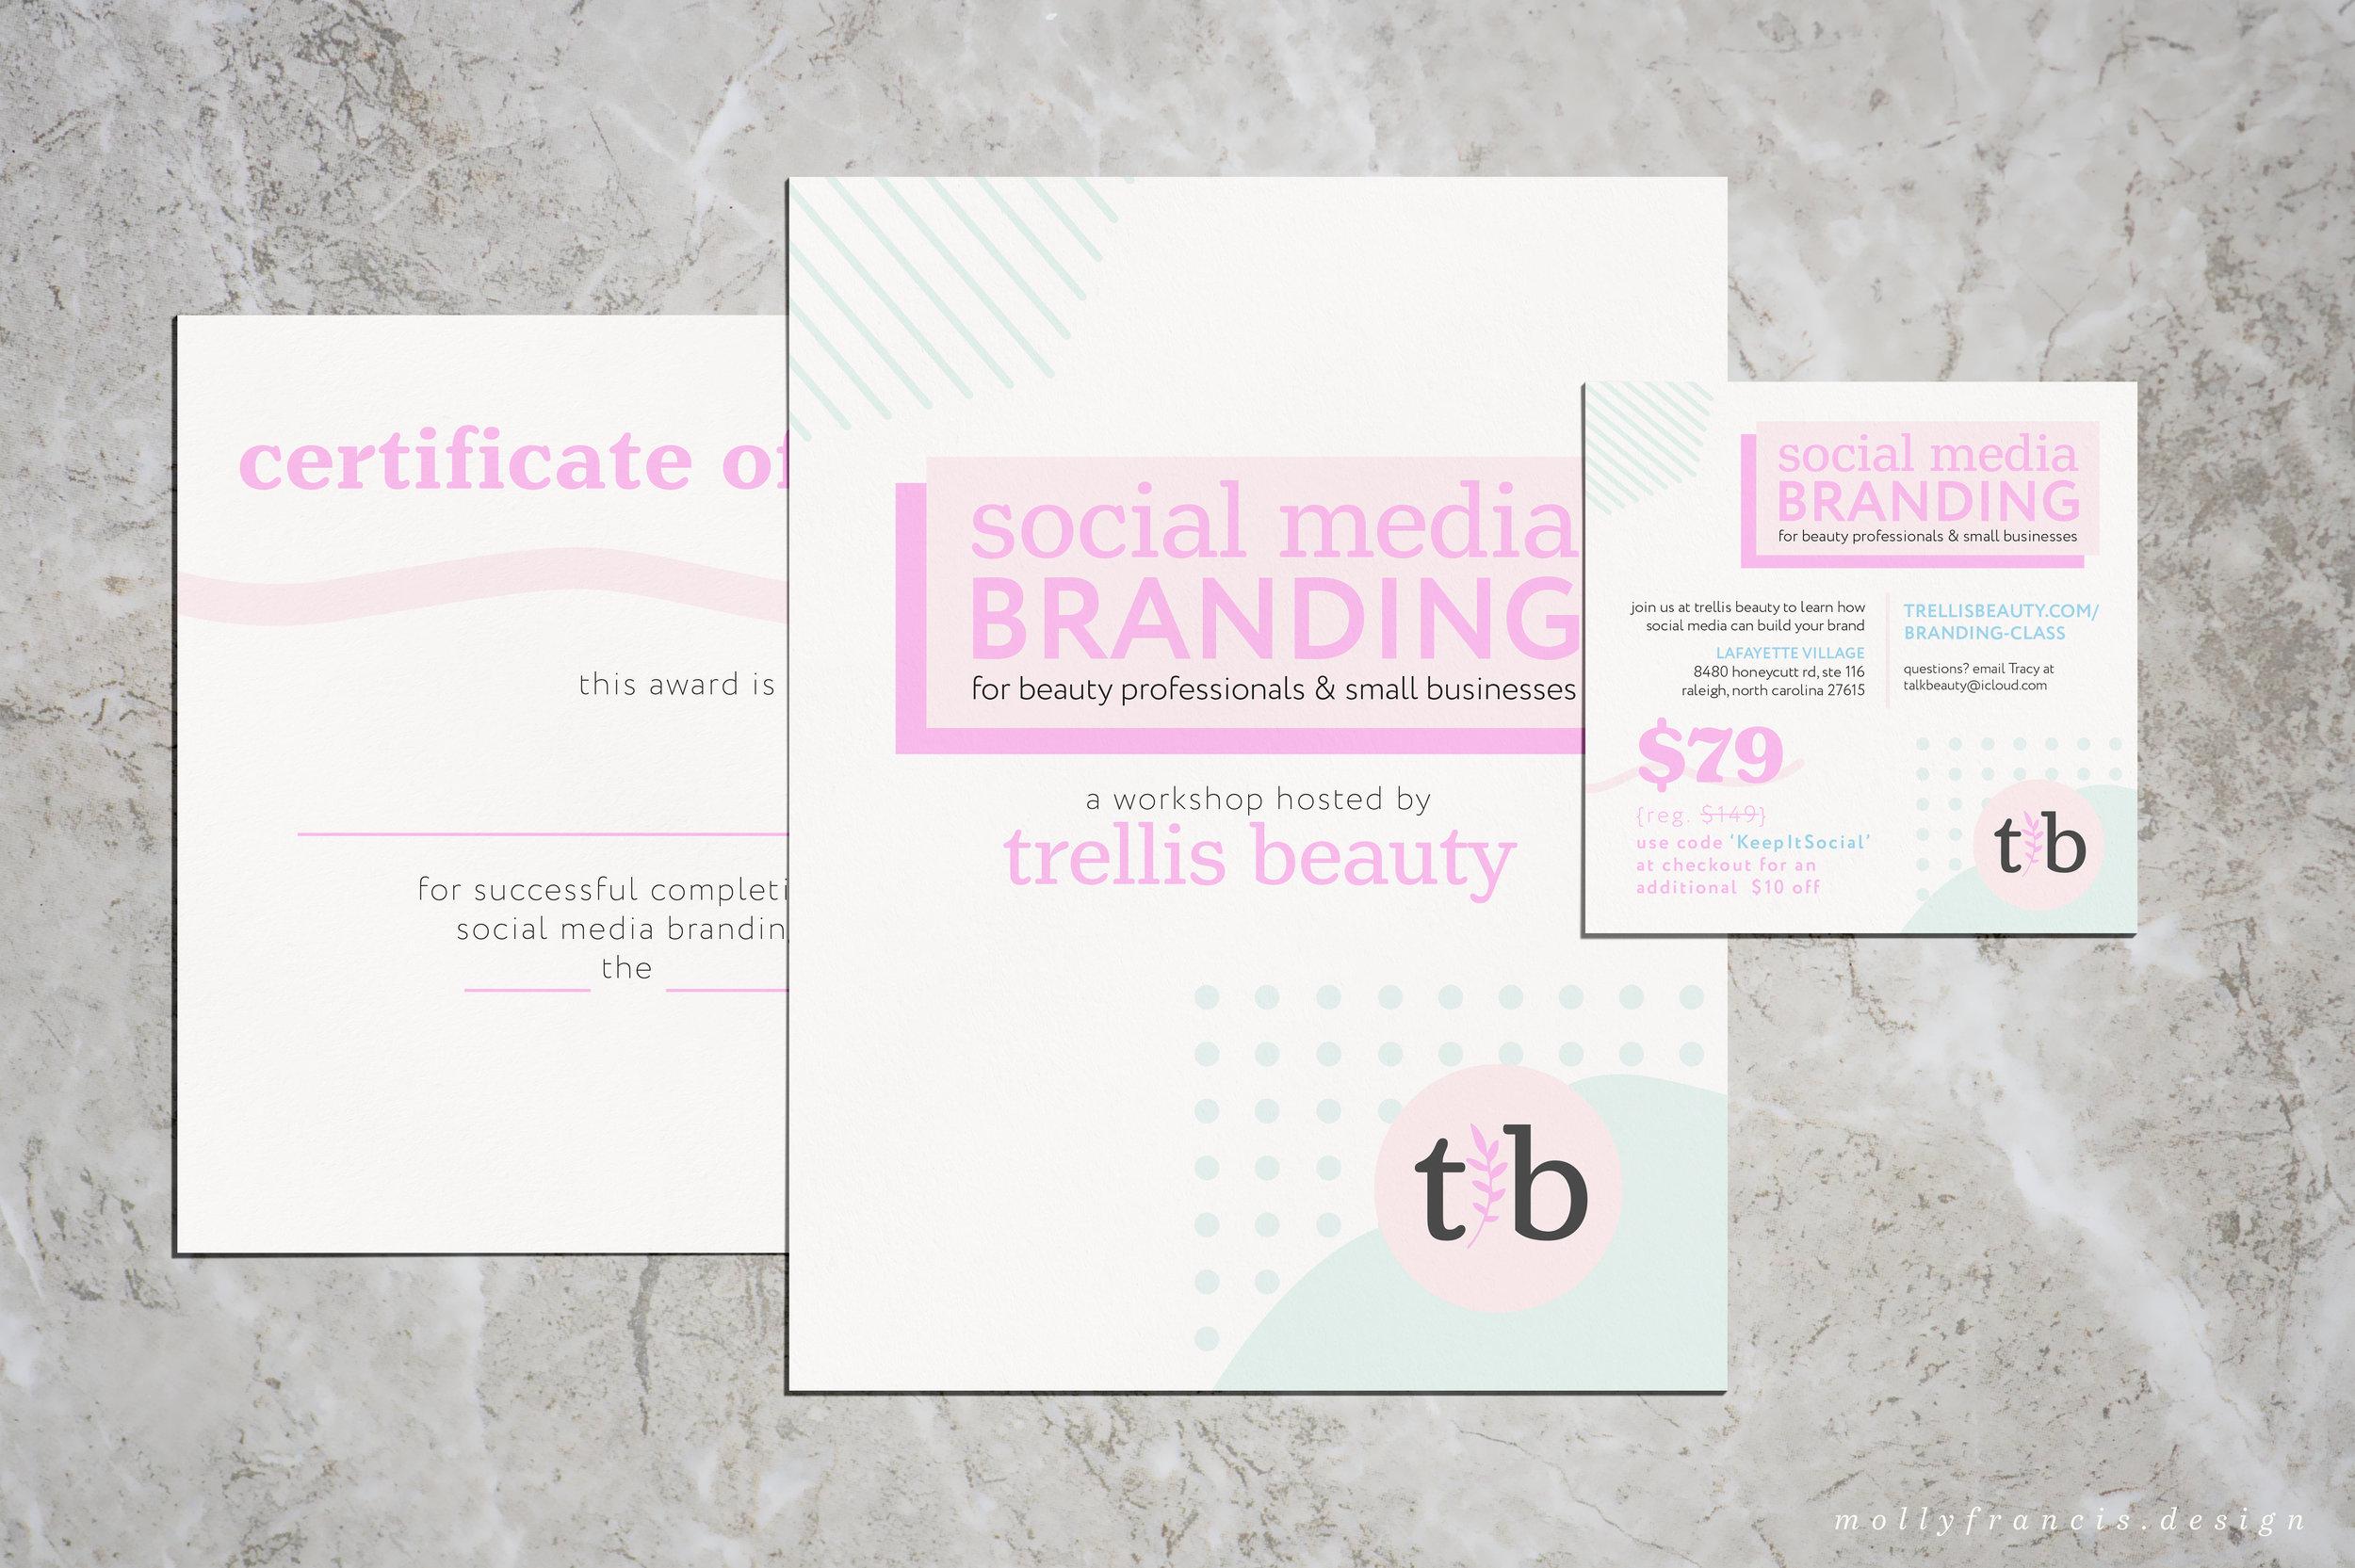 social media branding class